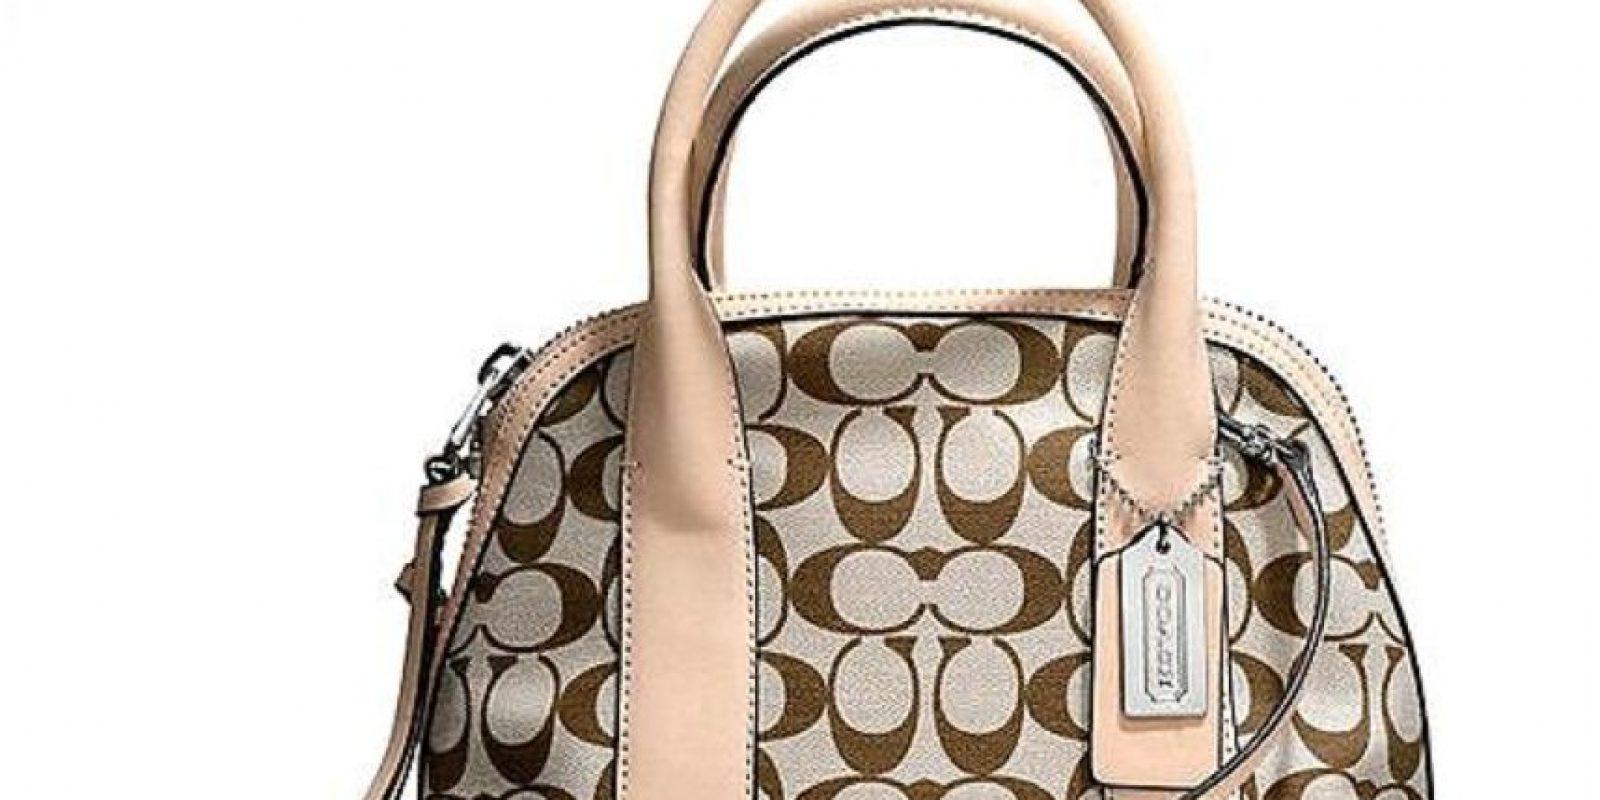 Este bolso de Coach fue totalmente falsificado. Foto:vía Coach